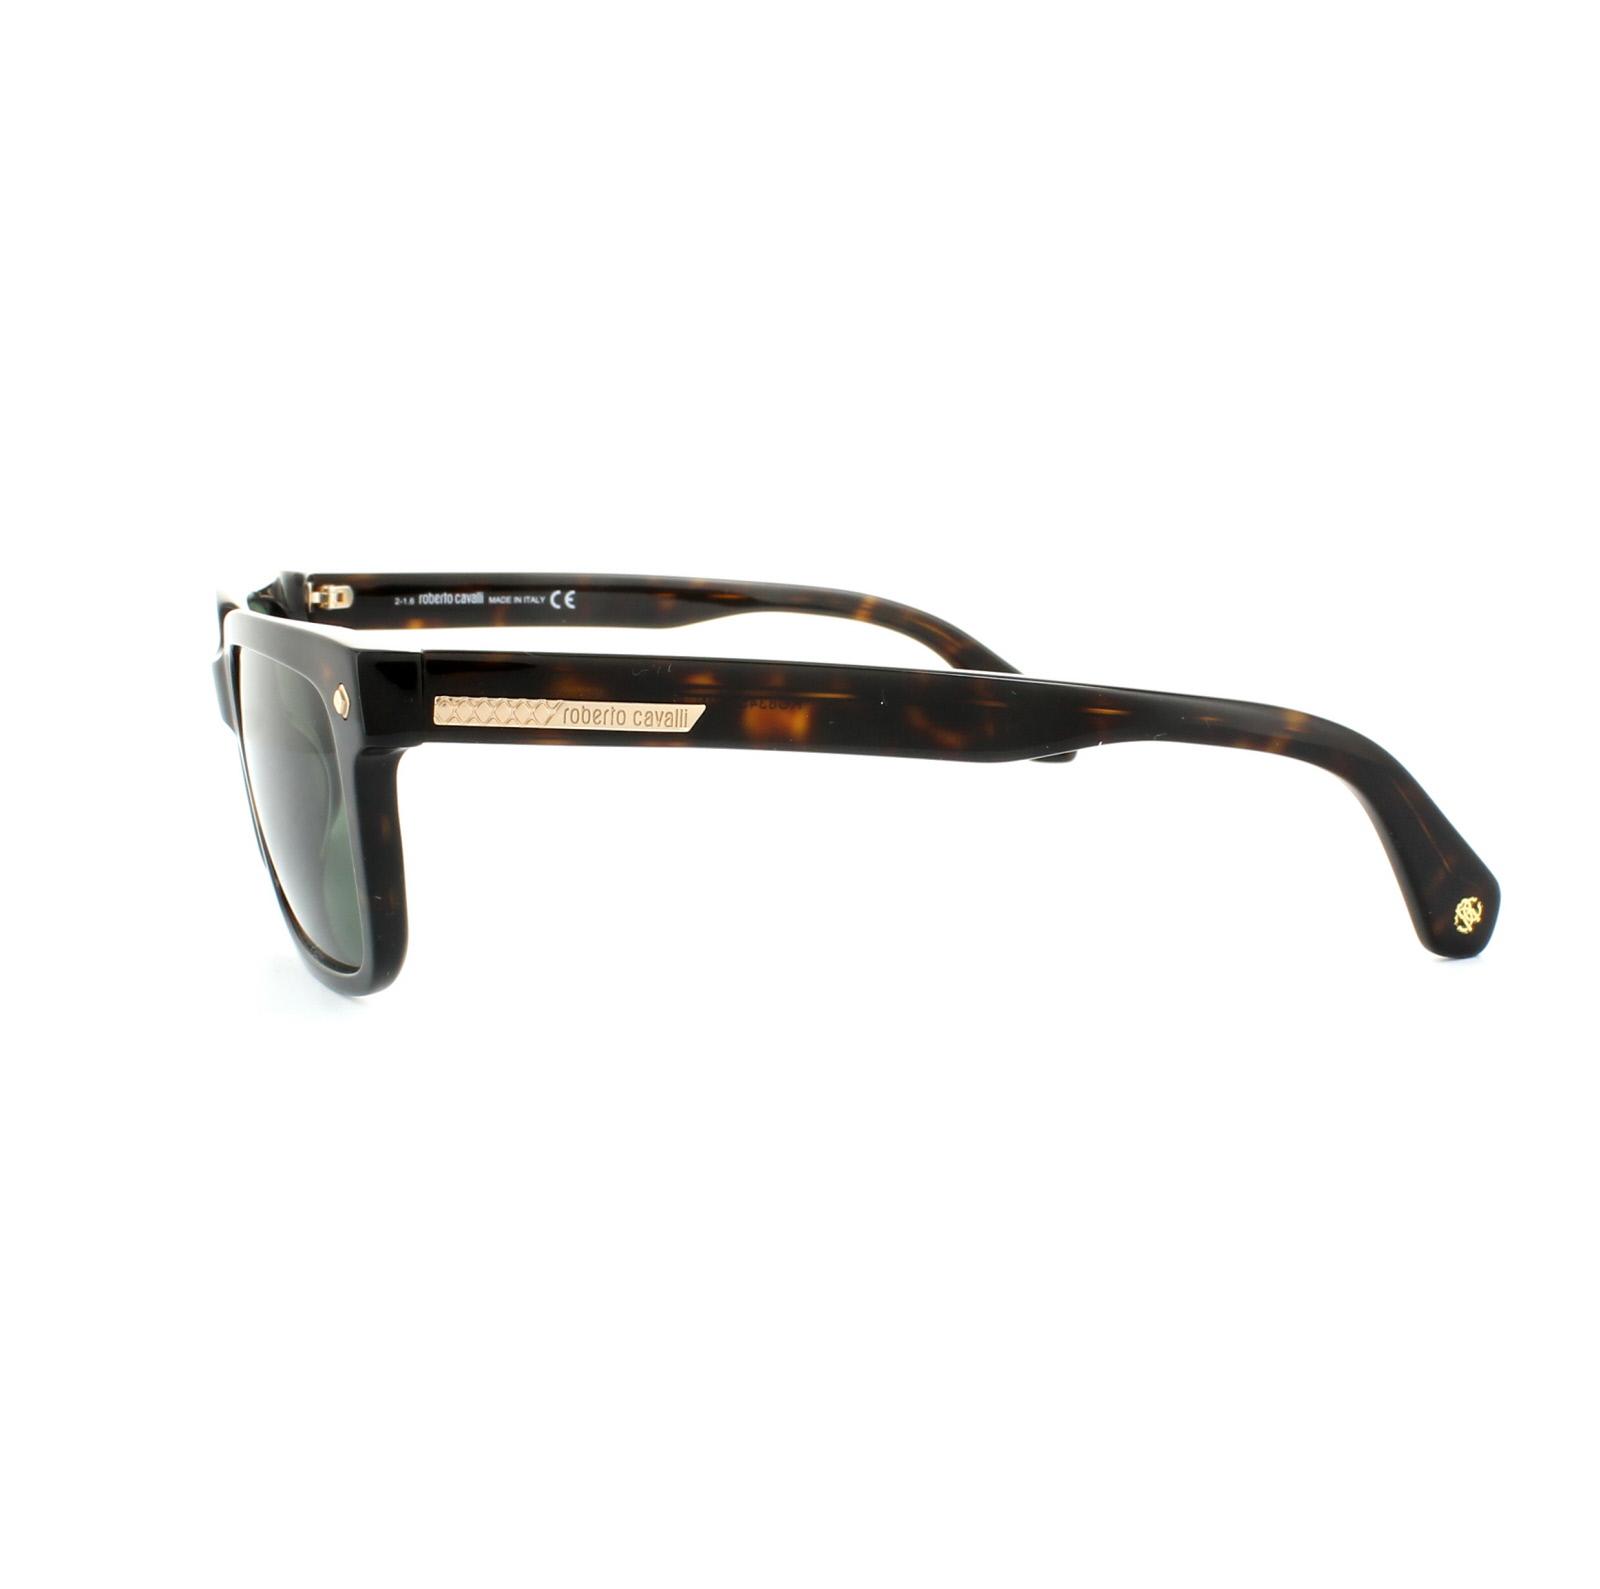 SENTINEL Roberto Cavalli occhiali da sole 834S 52N avana scuro grigio verde aaa0ad3f9f9